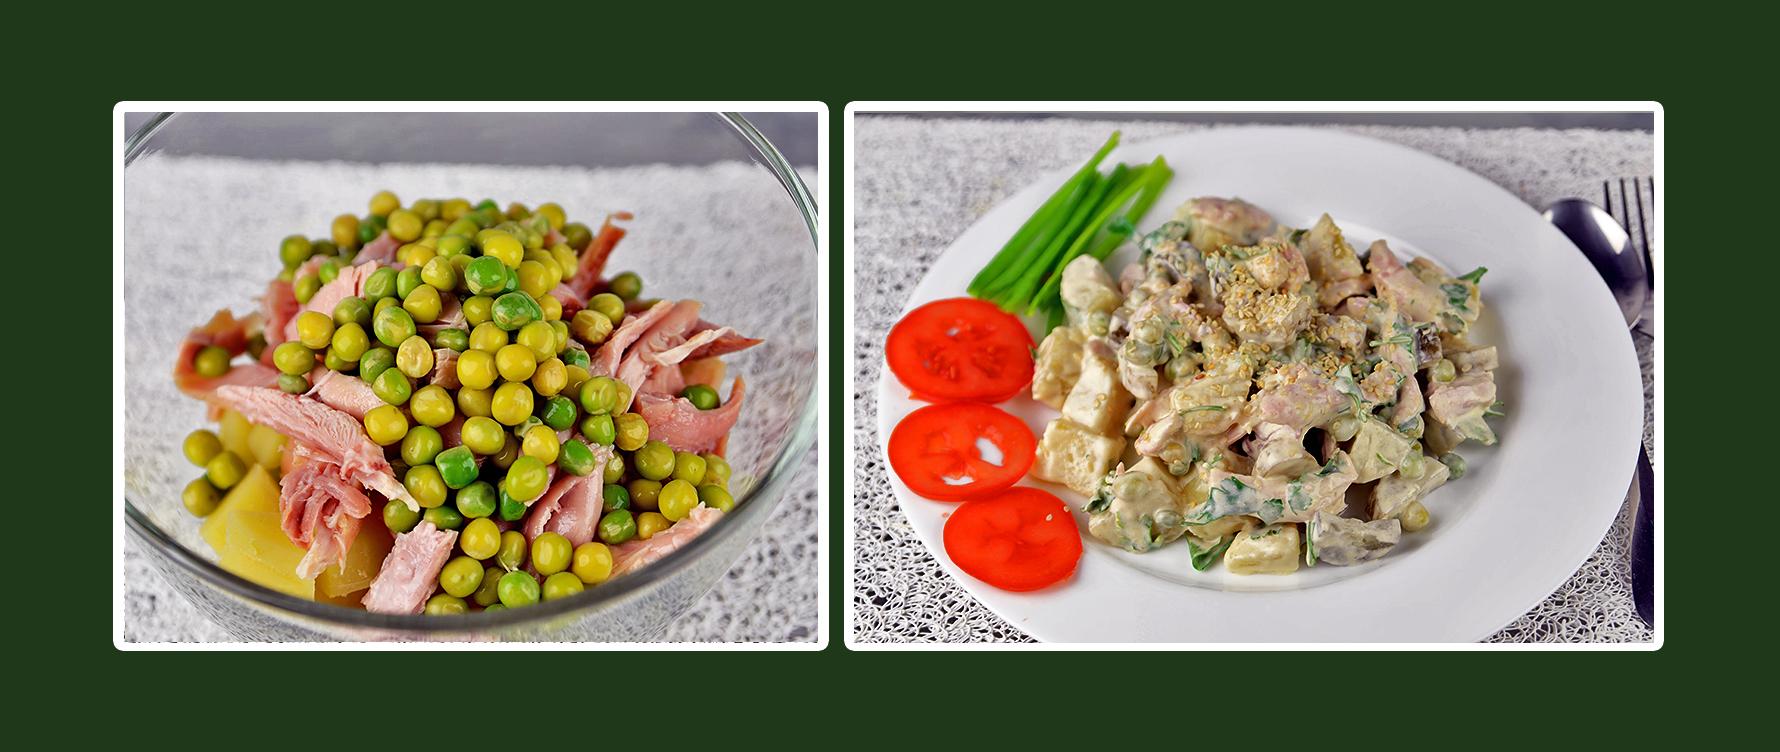 Hähnchen-Salat mit Dressing aus Schmand & Senf und grünen Erbsen